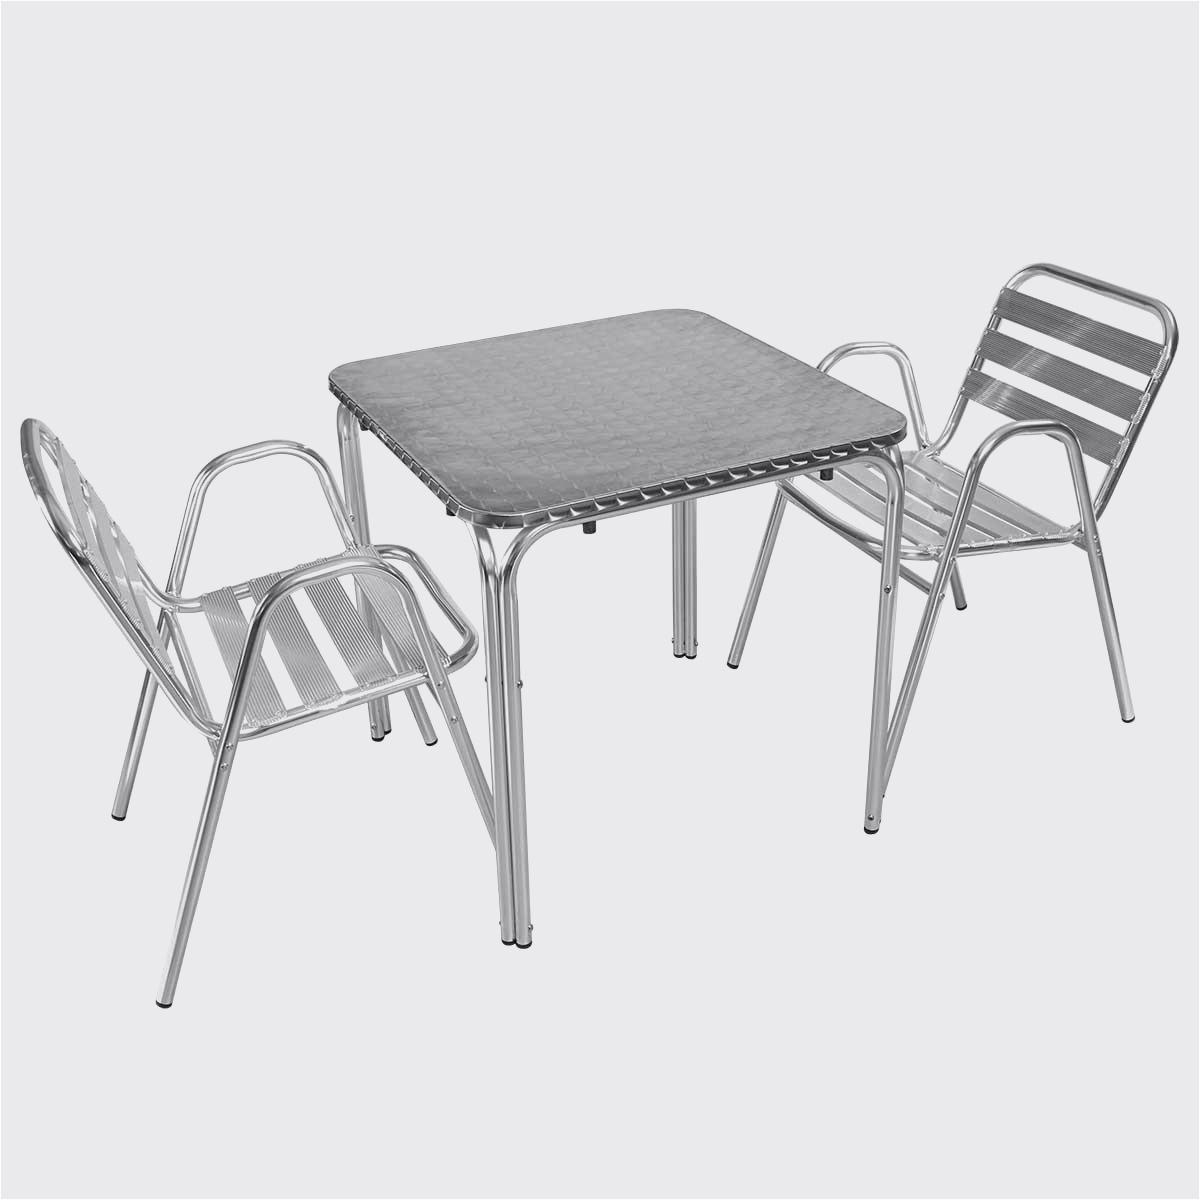 Chaise Transparente but Frais Collection Chaise Plexi Transparente Conforama Inspirant Chaises Plexiglas